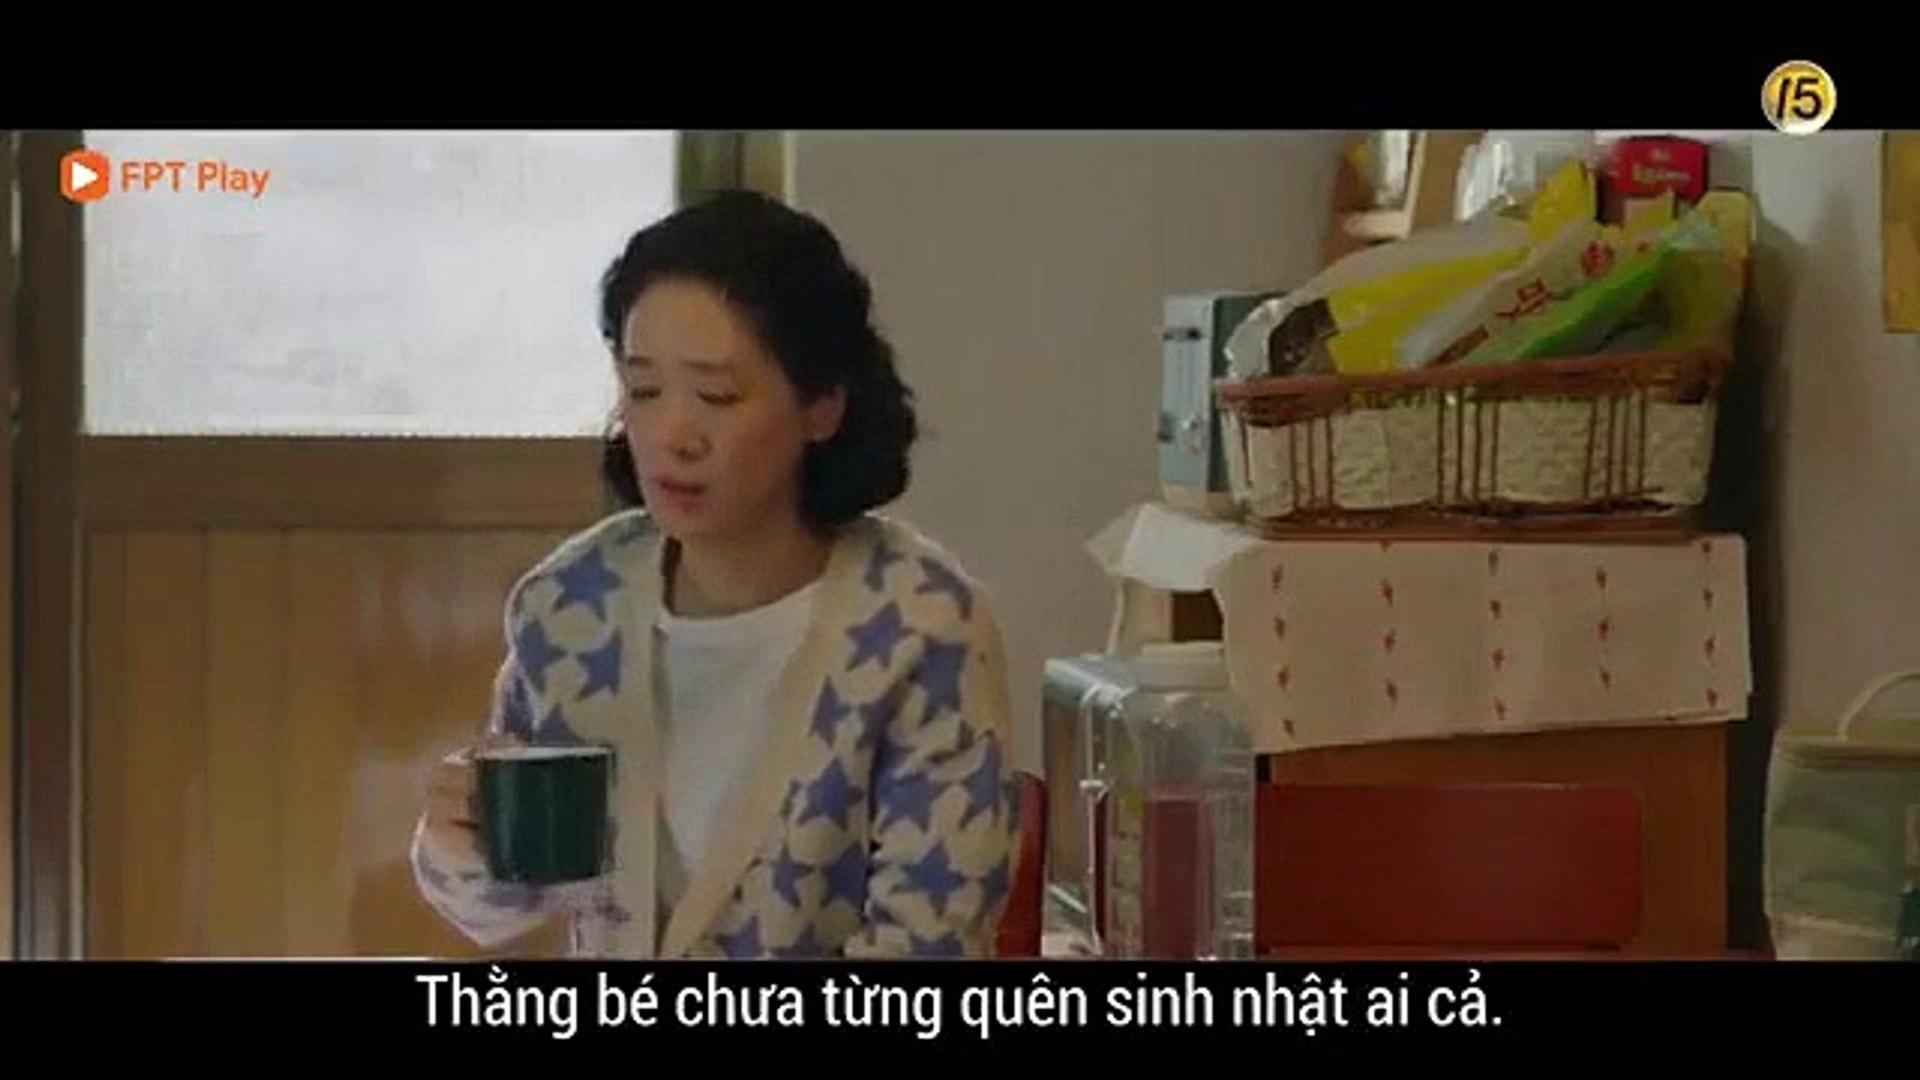 Bạn Trai Tập 18 - HTV2 Lồng Tiếng- Phim Hàn Quốc - Phim Ban Trai Tap 19 - Phim Ban Trai Tap 18